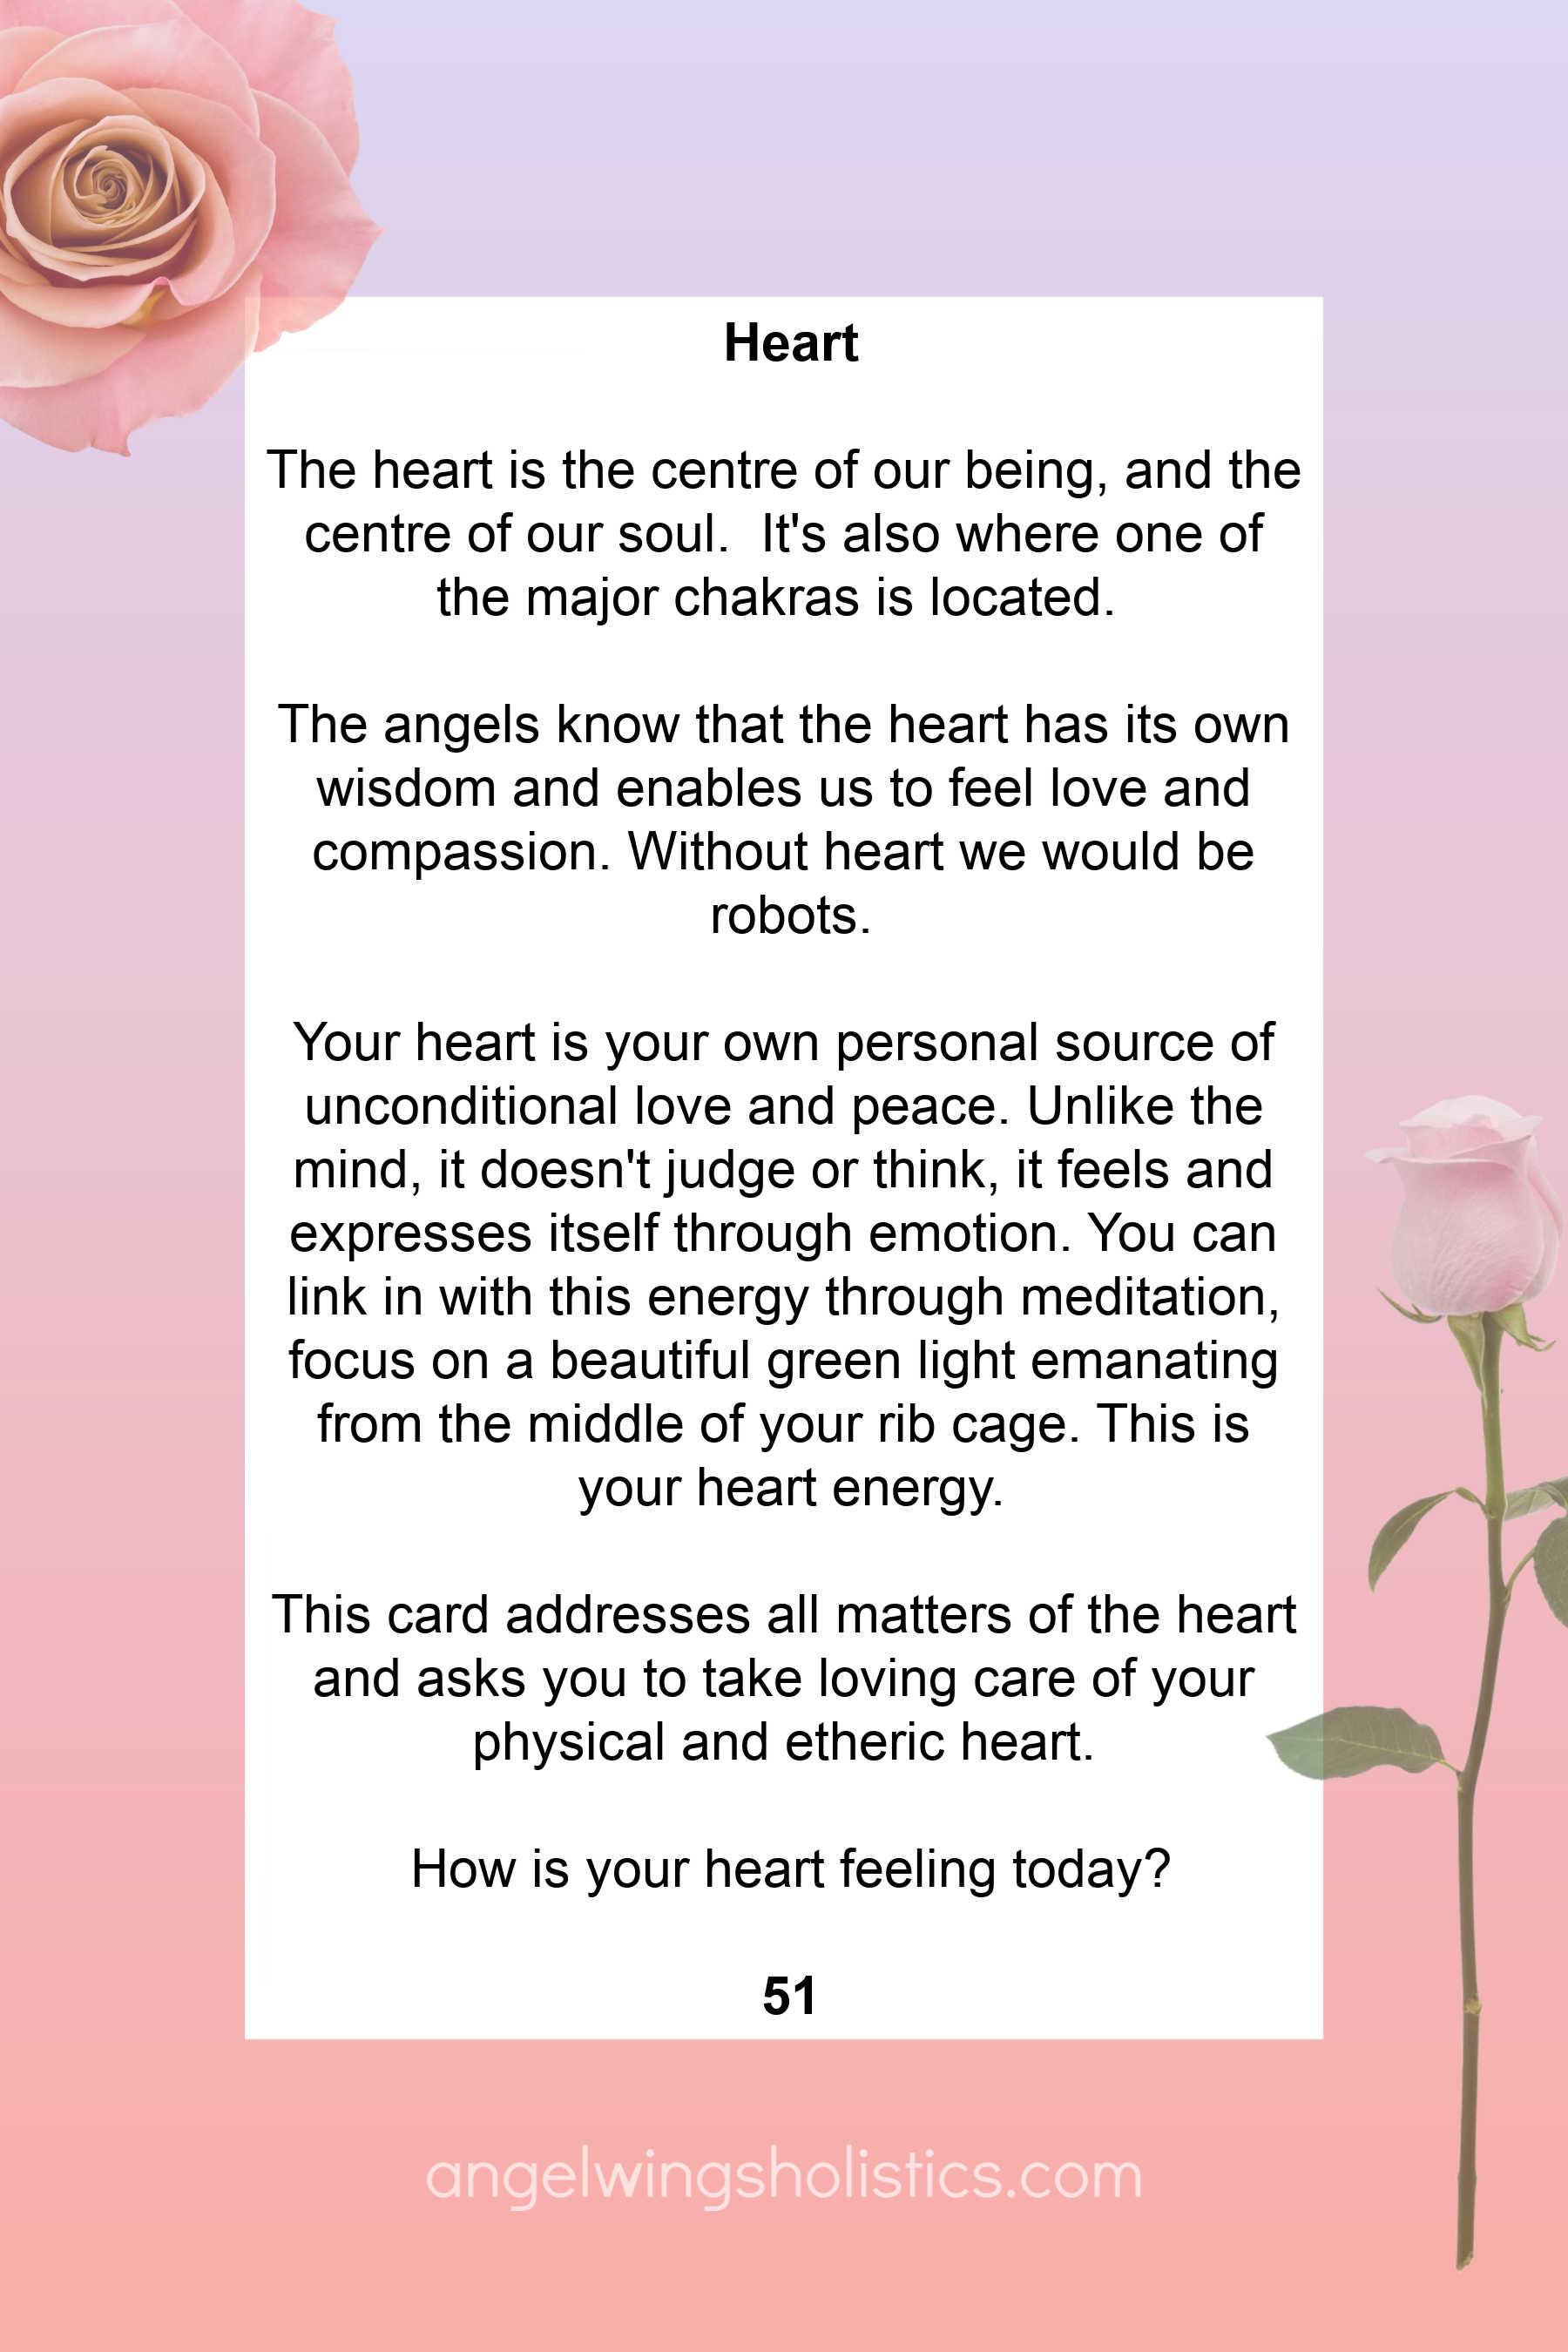 51-heart.jpg